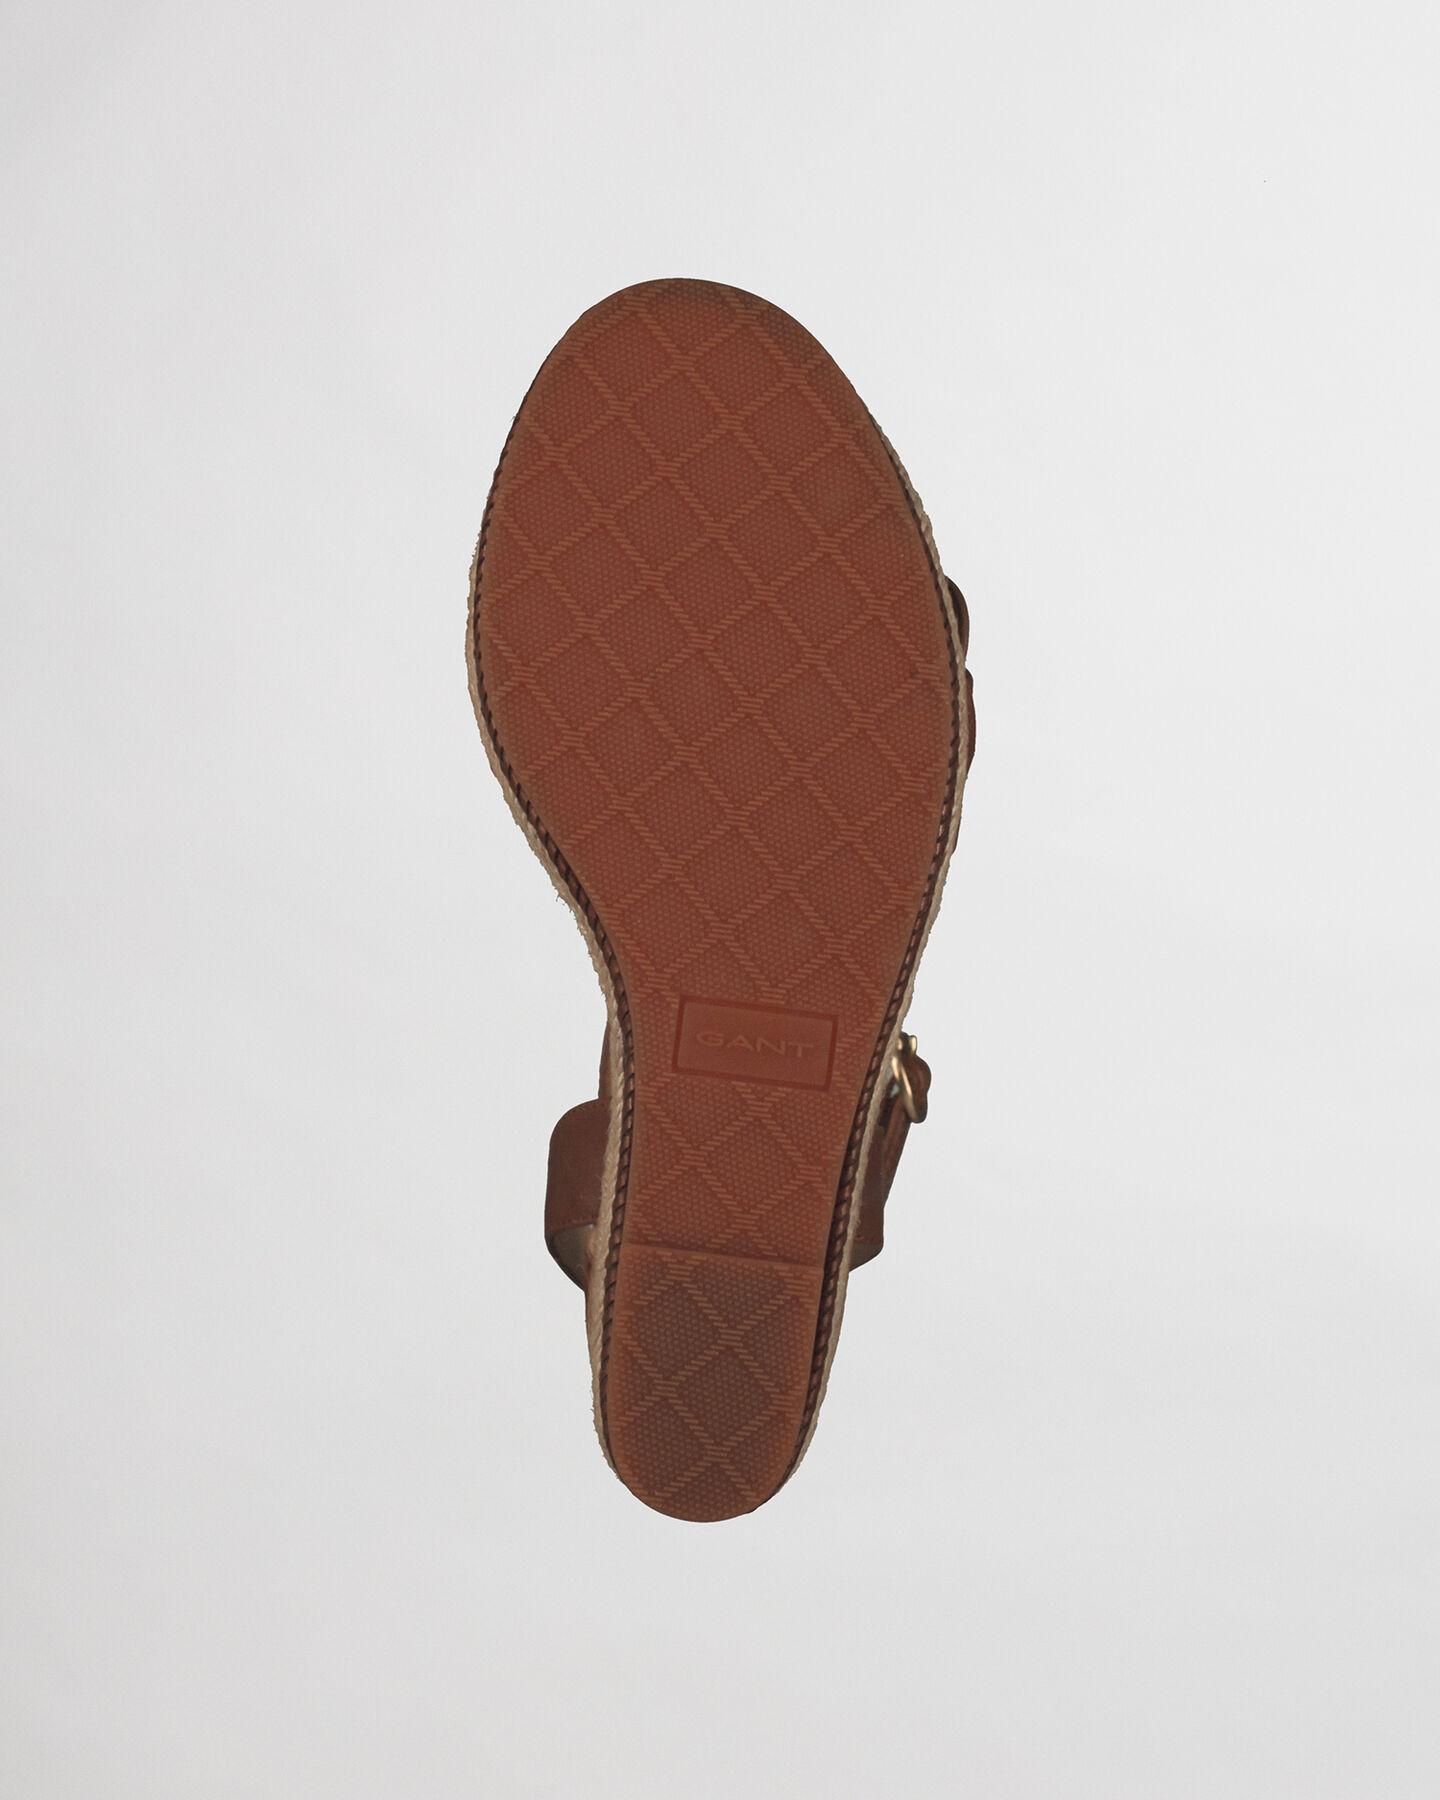 Ivalice Sandaletter med kilklack